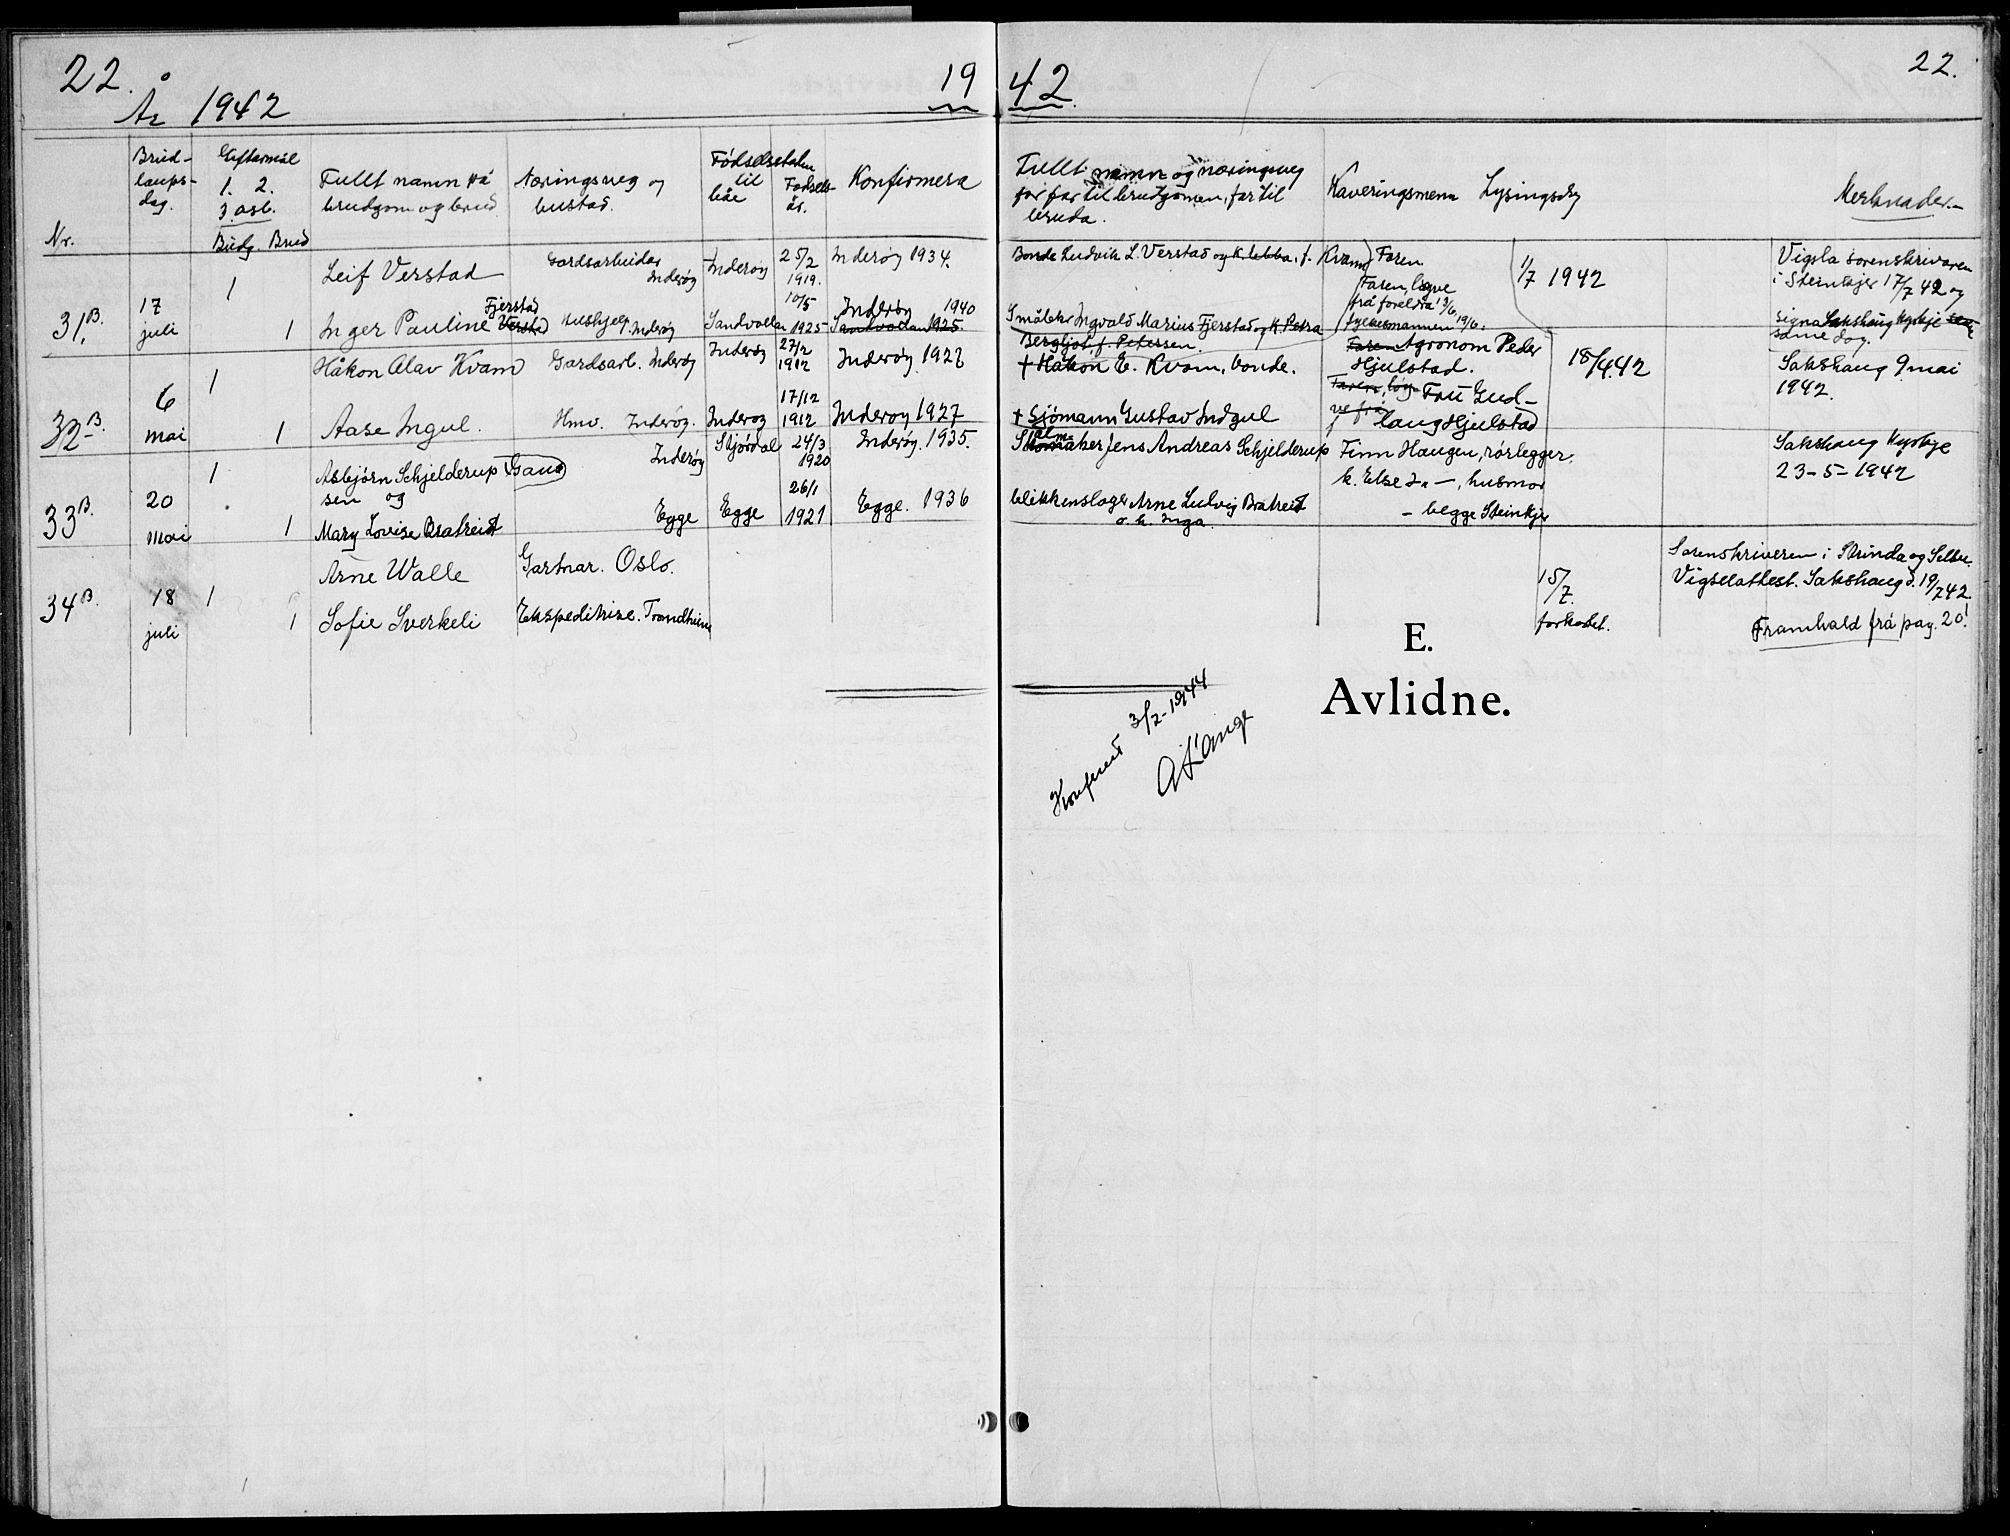 SAT, Ministerialprotokoller, klokkerbøker og fødselsregistre - Nord-Trøndelag, 730/L0304: Klokkerbok nr. 730C07, 1934-1945, s. 22